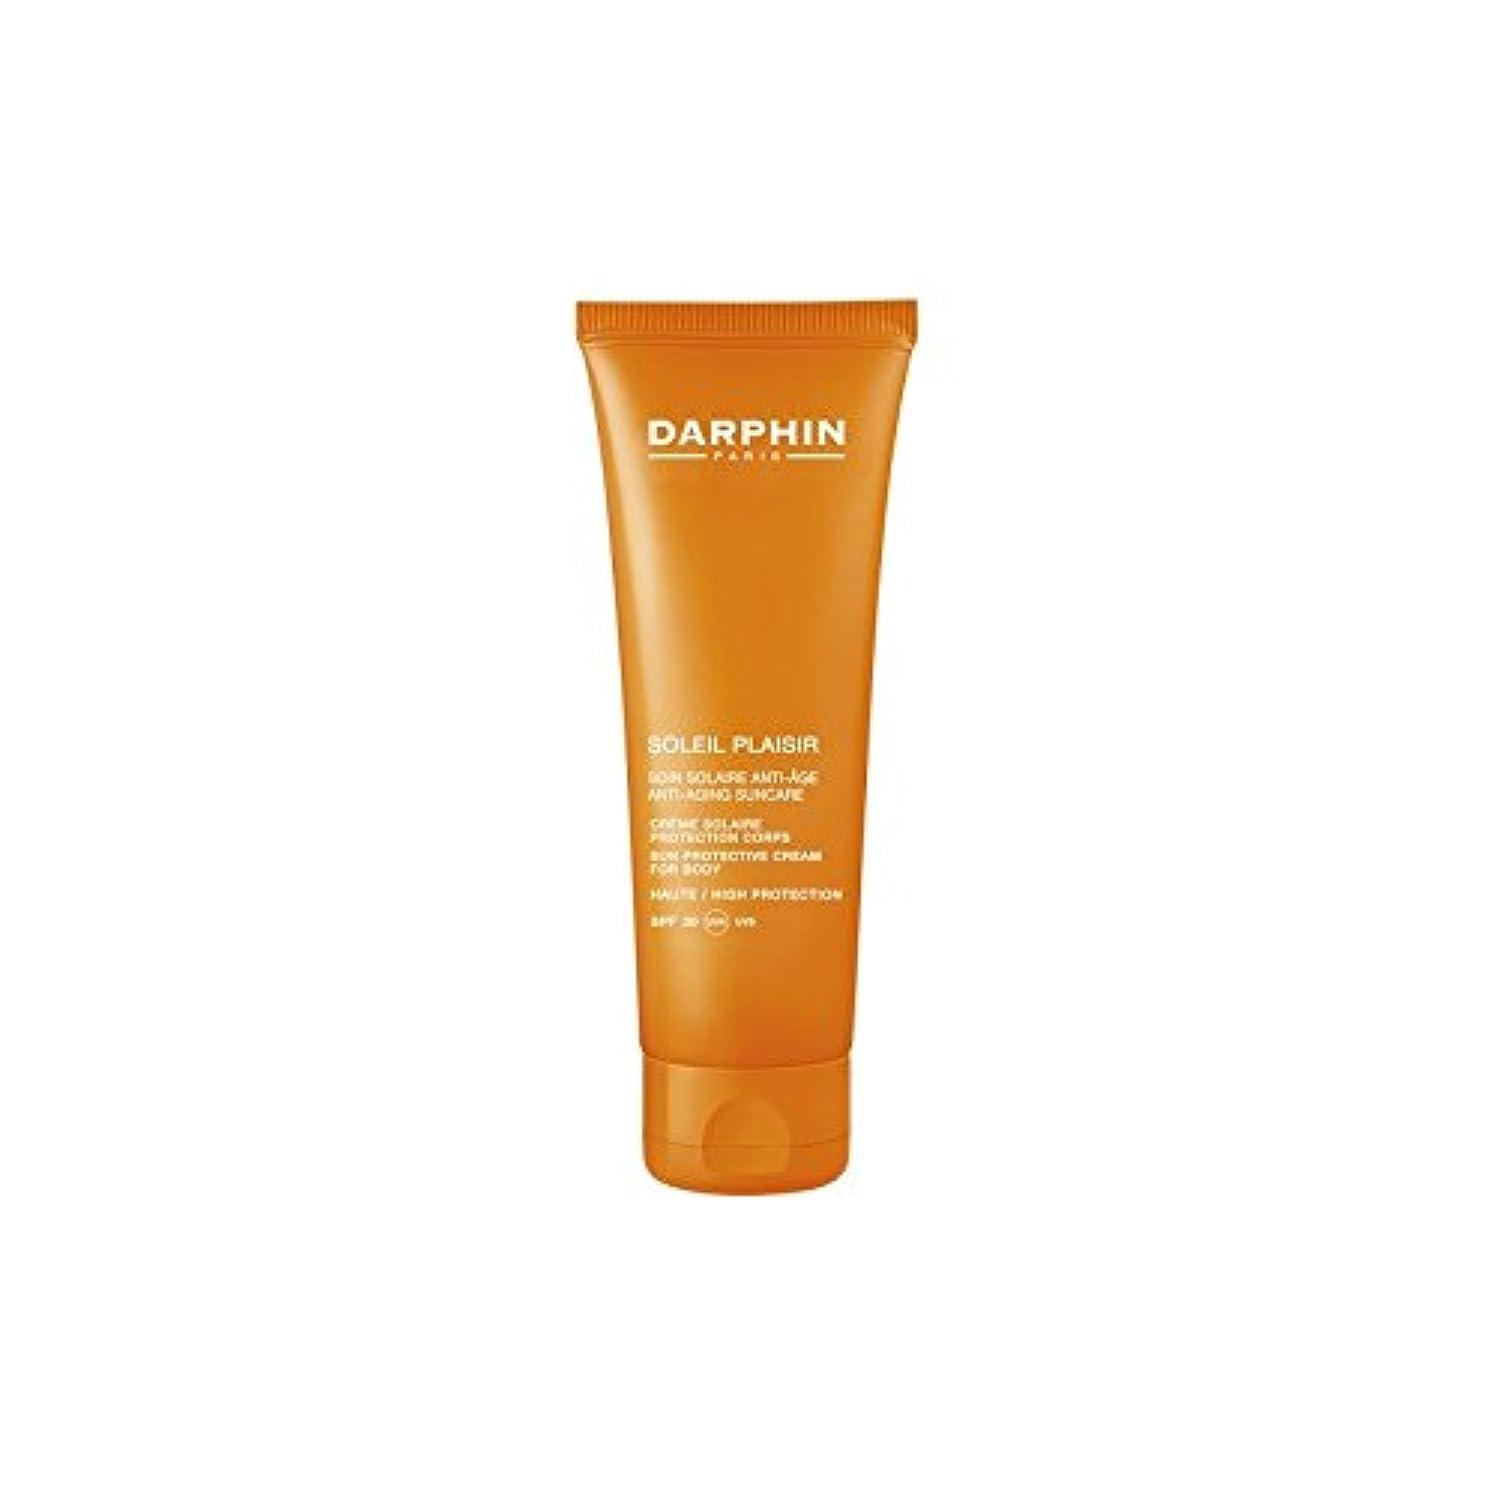 する必要がある戸棚ロードされたダルファンソレイユプレジールボディクリーム x2 - Darphin Soleil Plaisir Body Cream (Pack of 2) [並行輸入品]